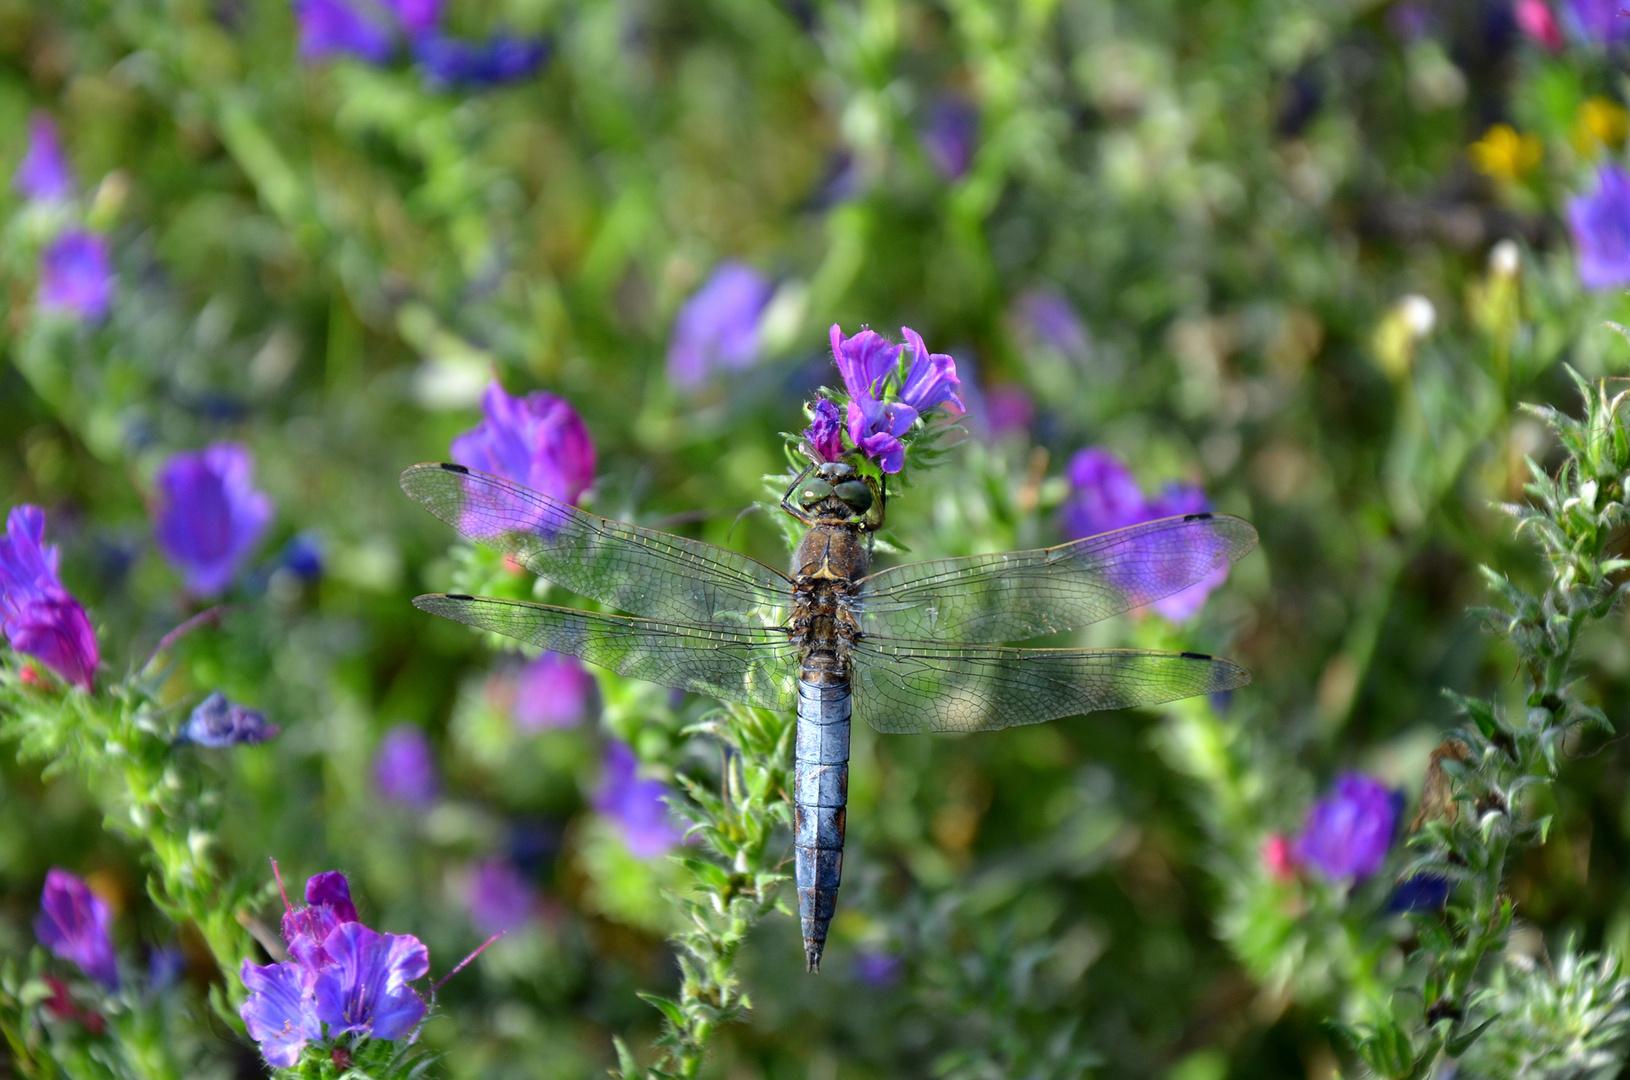 Il segno della libellula